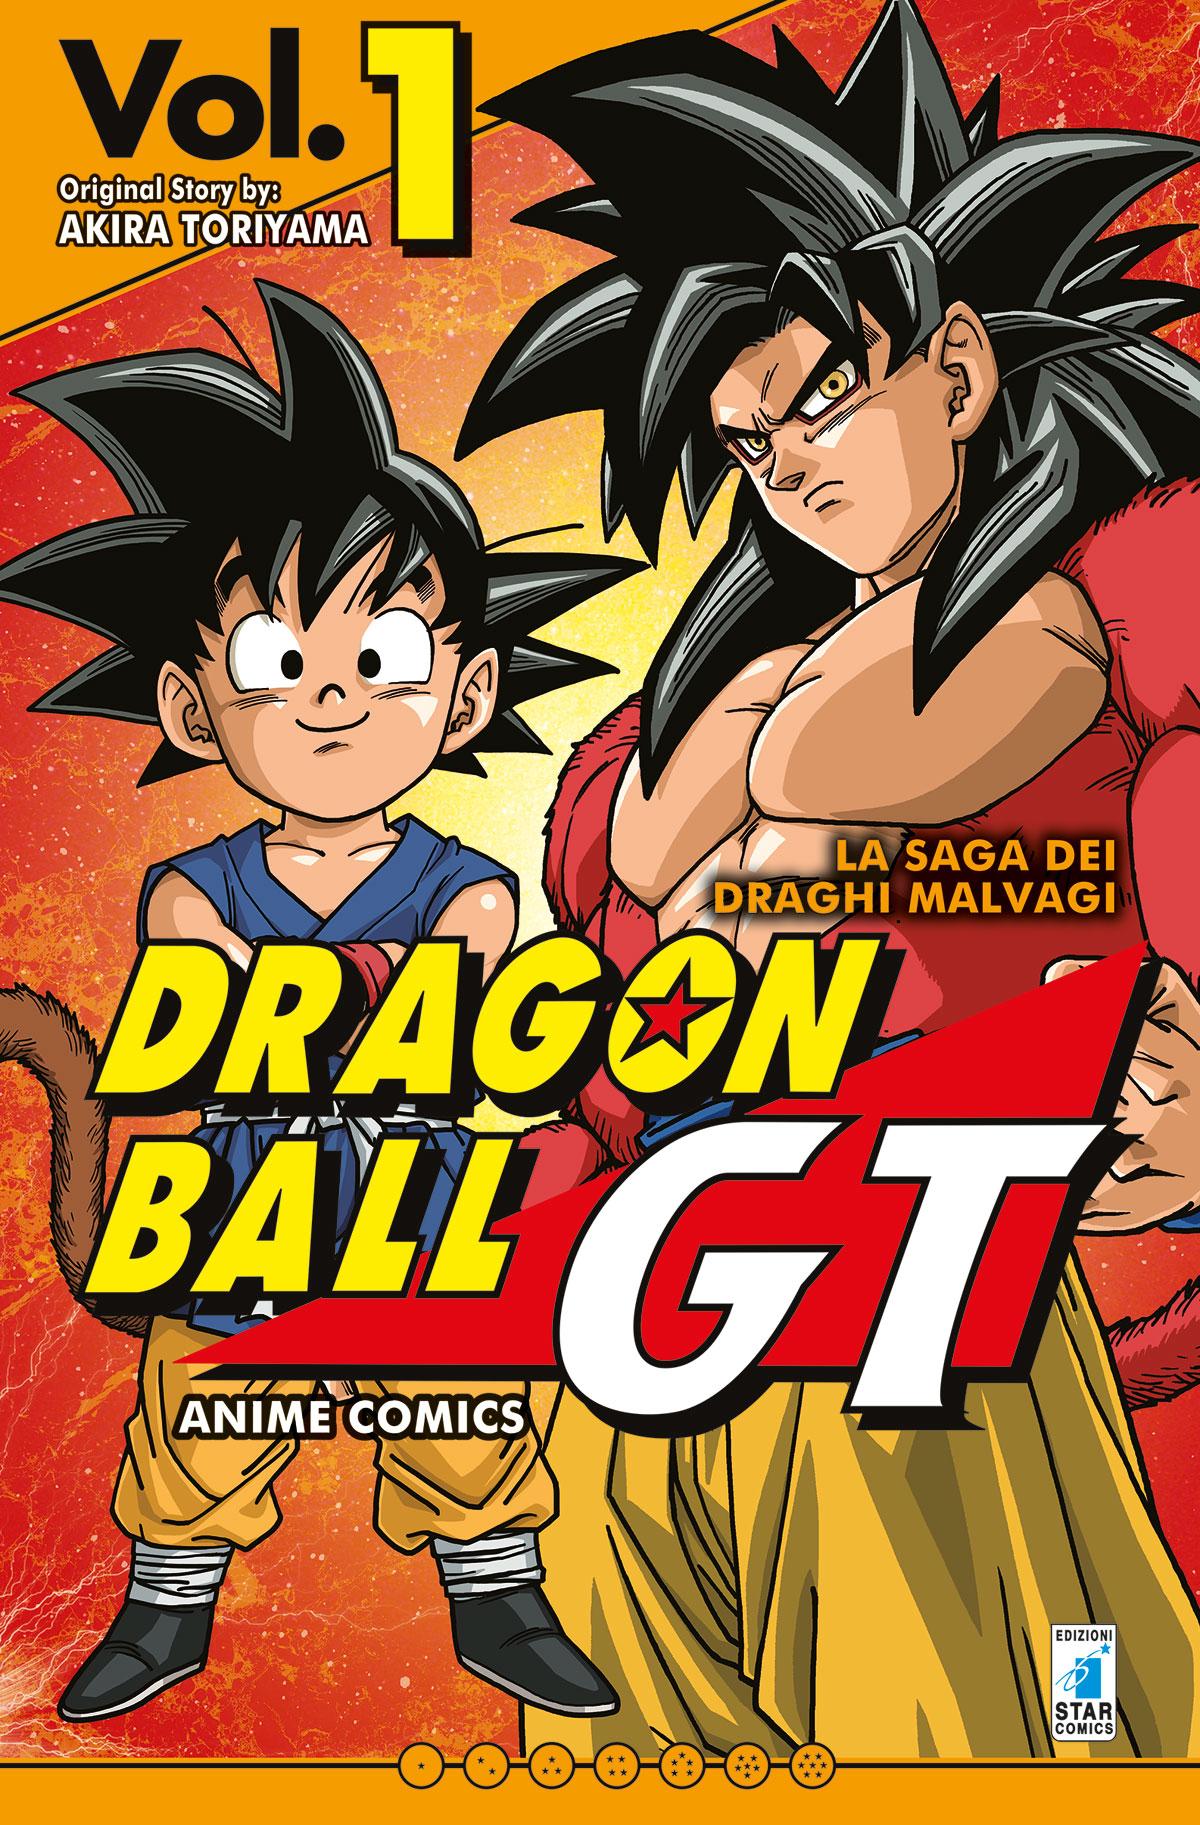 DRAGON BALL GT ANIME COMICS – LA SAGA DEI DRAGHI MALVAGI n. 1: UNA NUOVA AVVENTURA, TUTTA A COLORI